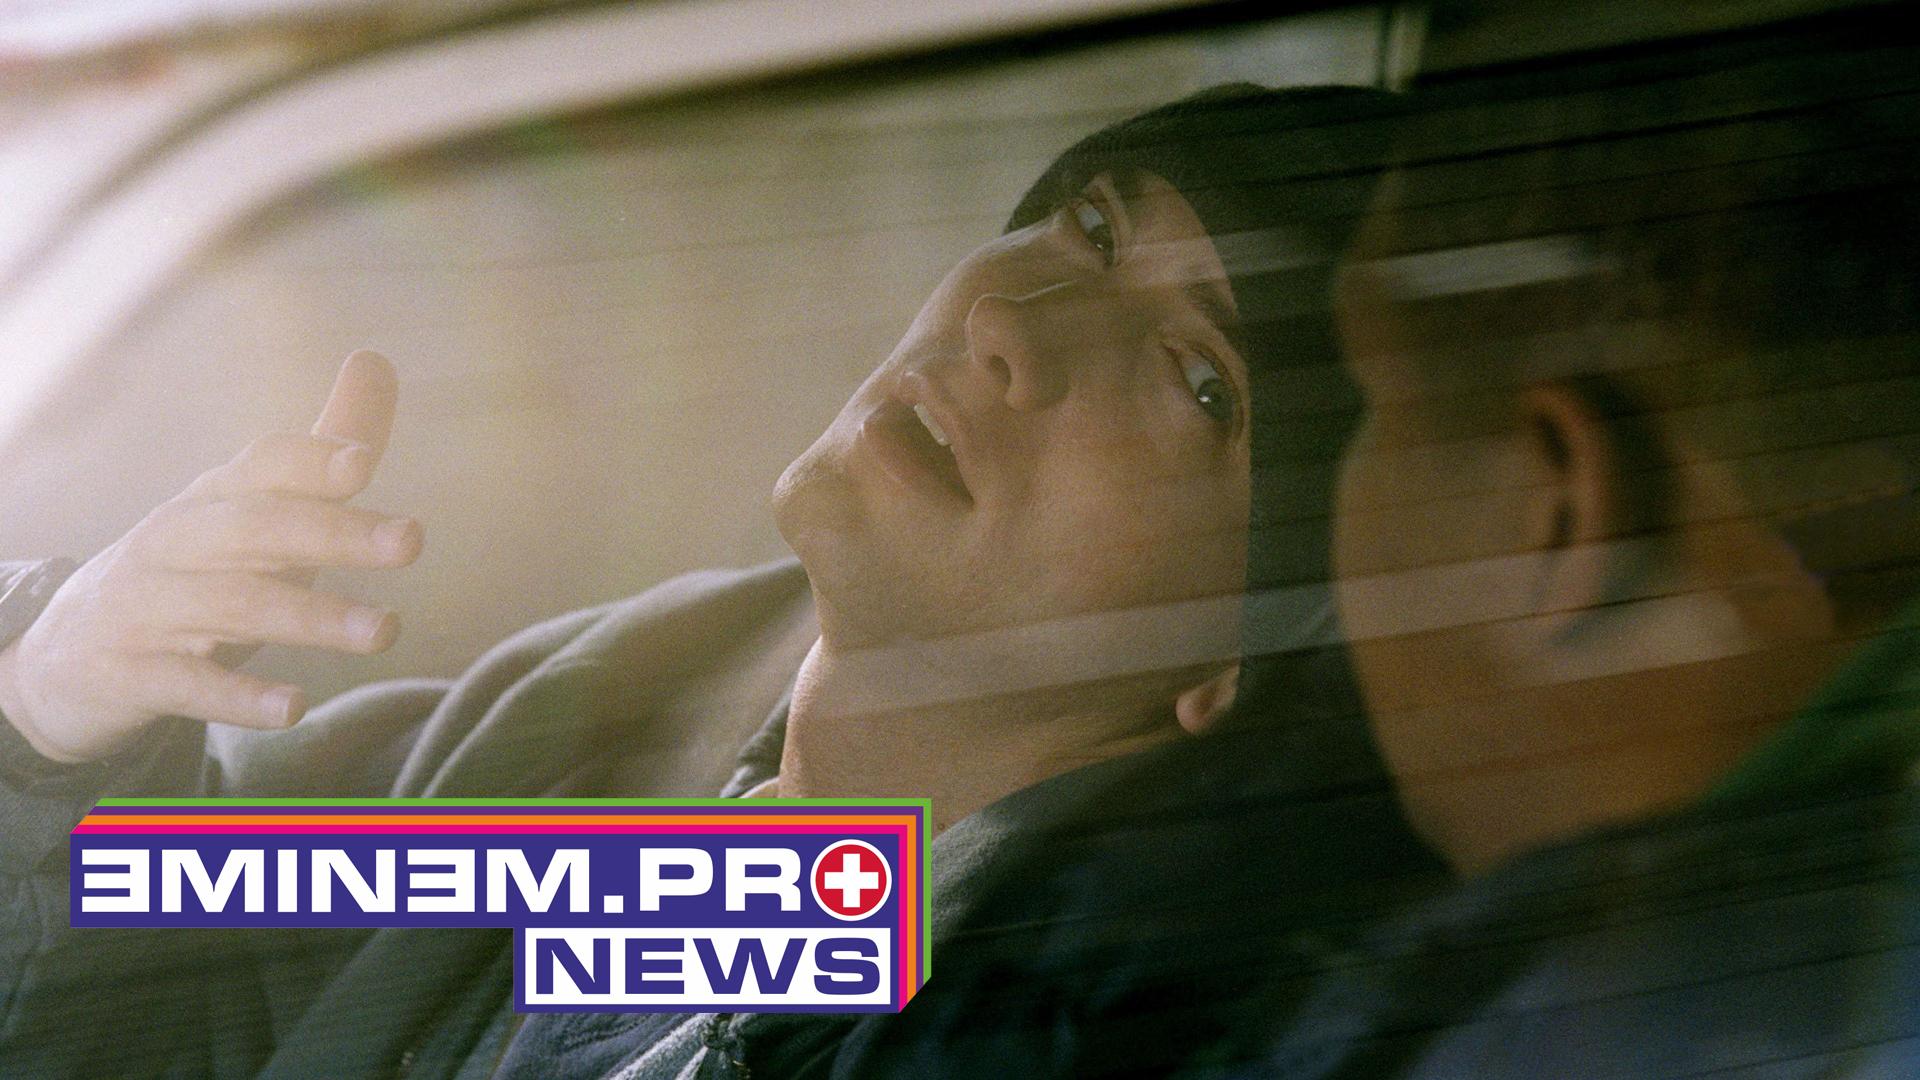 ePro News 49: О новой музыке от Эминема и Dr. Dre, Sold Out по европейскому Revival-туру и все последние Shady-новости